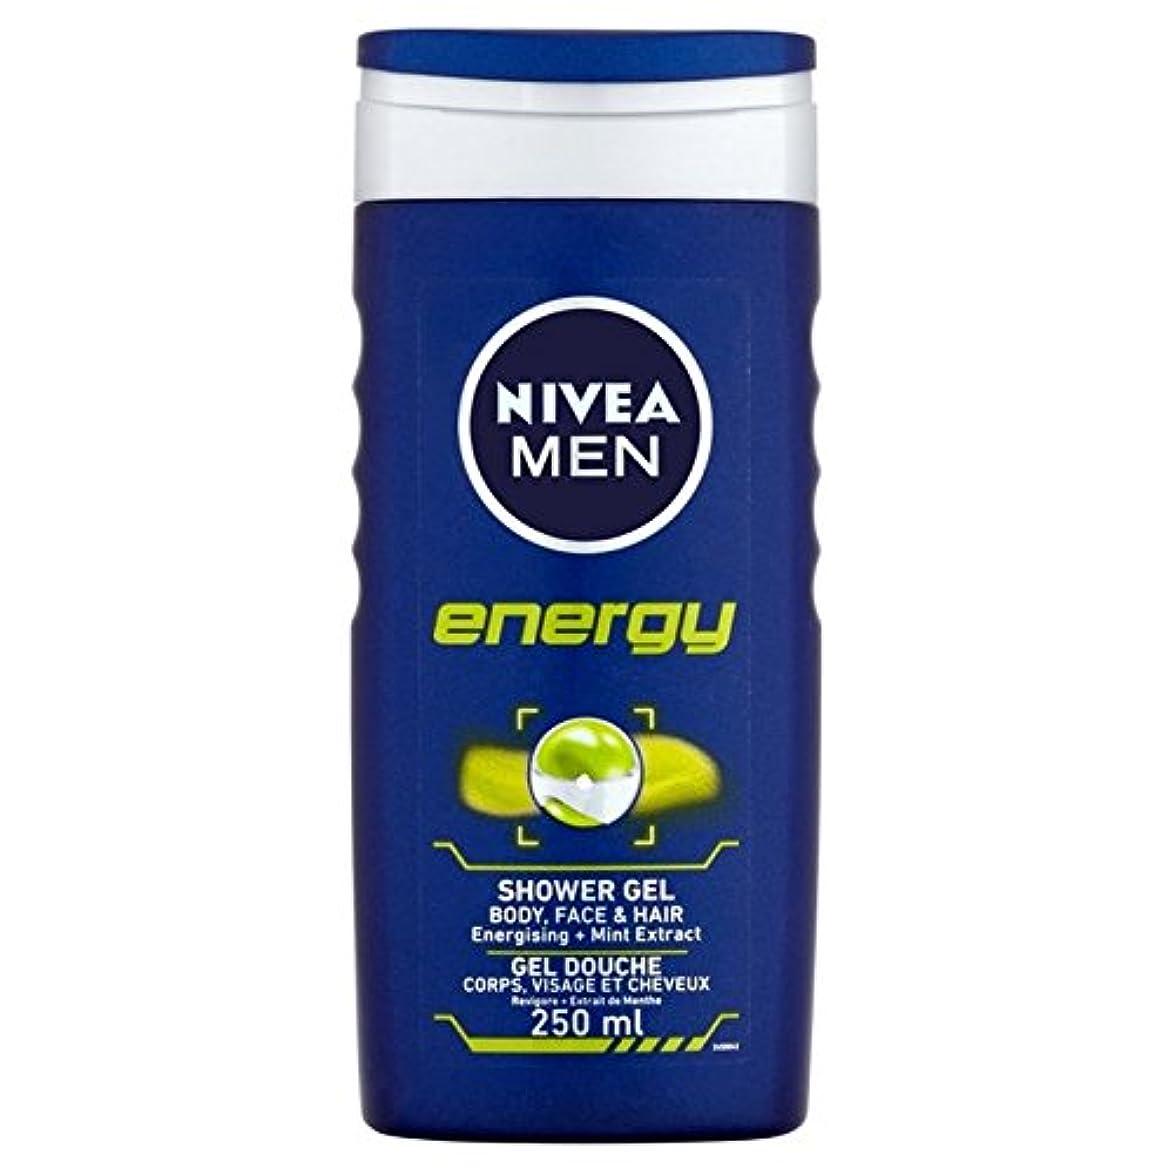 ライナー蜜画面Nivea Men Energy 2 in 1 Shower 250ml - 1つのシャワー250ミリリットル中ニベアの男性のエネルギー2 [並行輸入品]